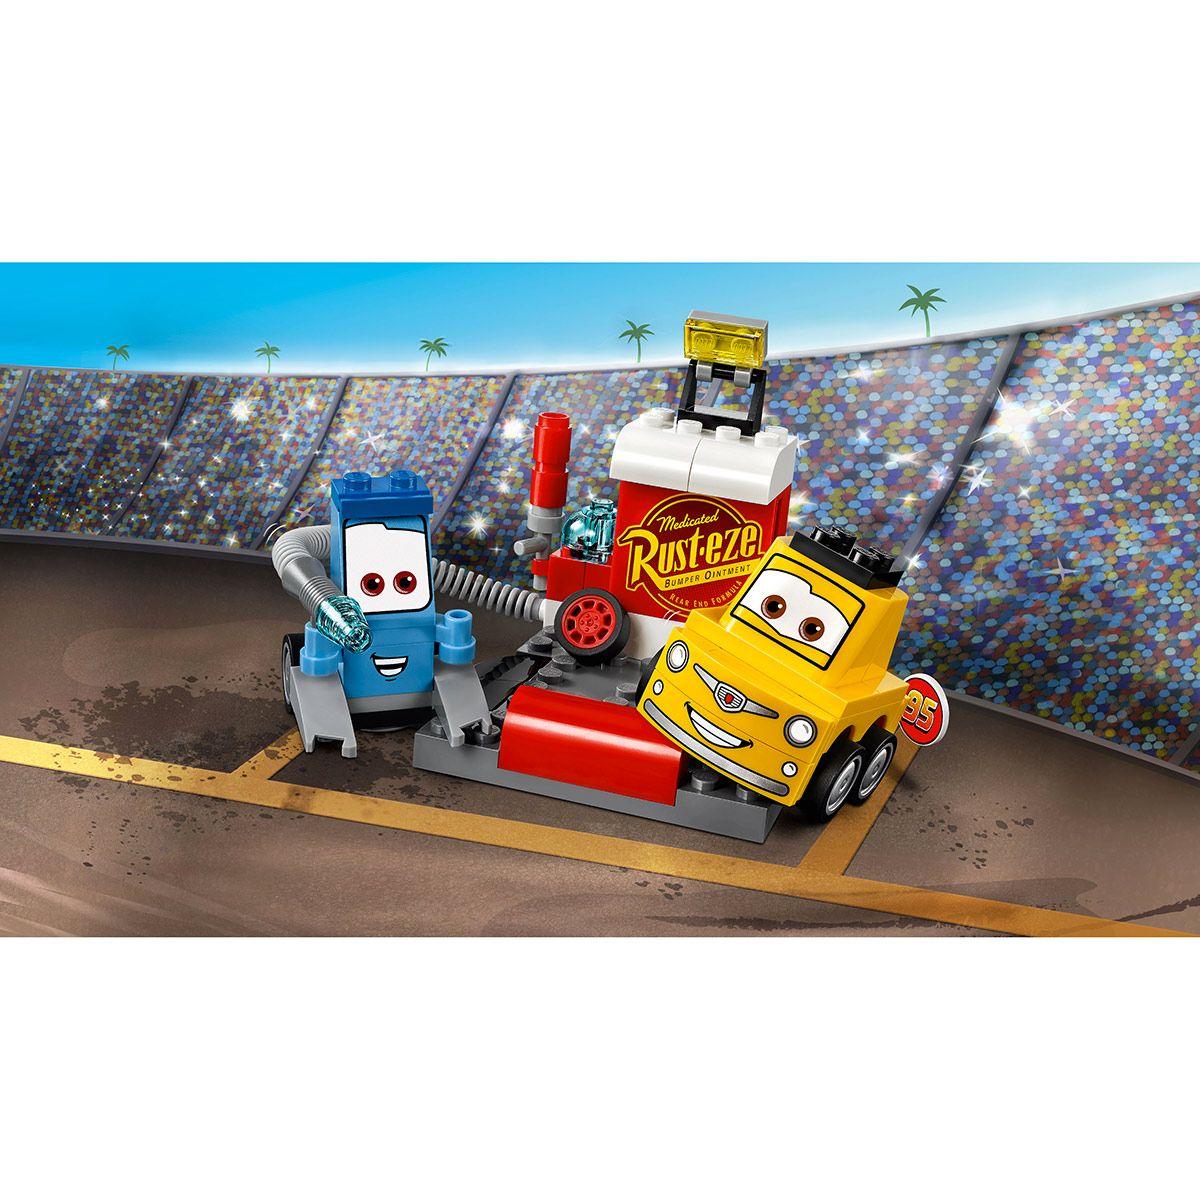 Stand De Au Et Super Cars Lego 3 L'arrêt 10732 Juniors Luigi Guido hdCtsrQ